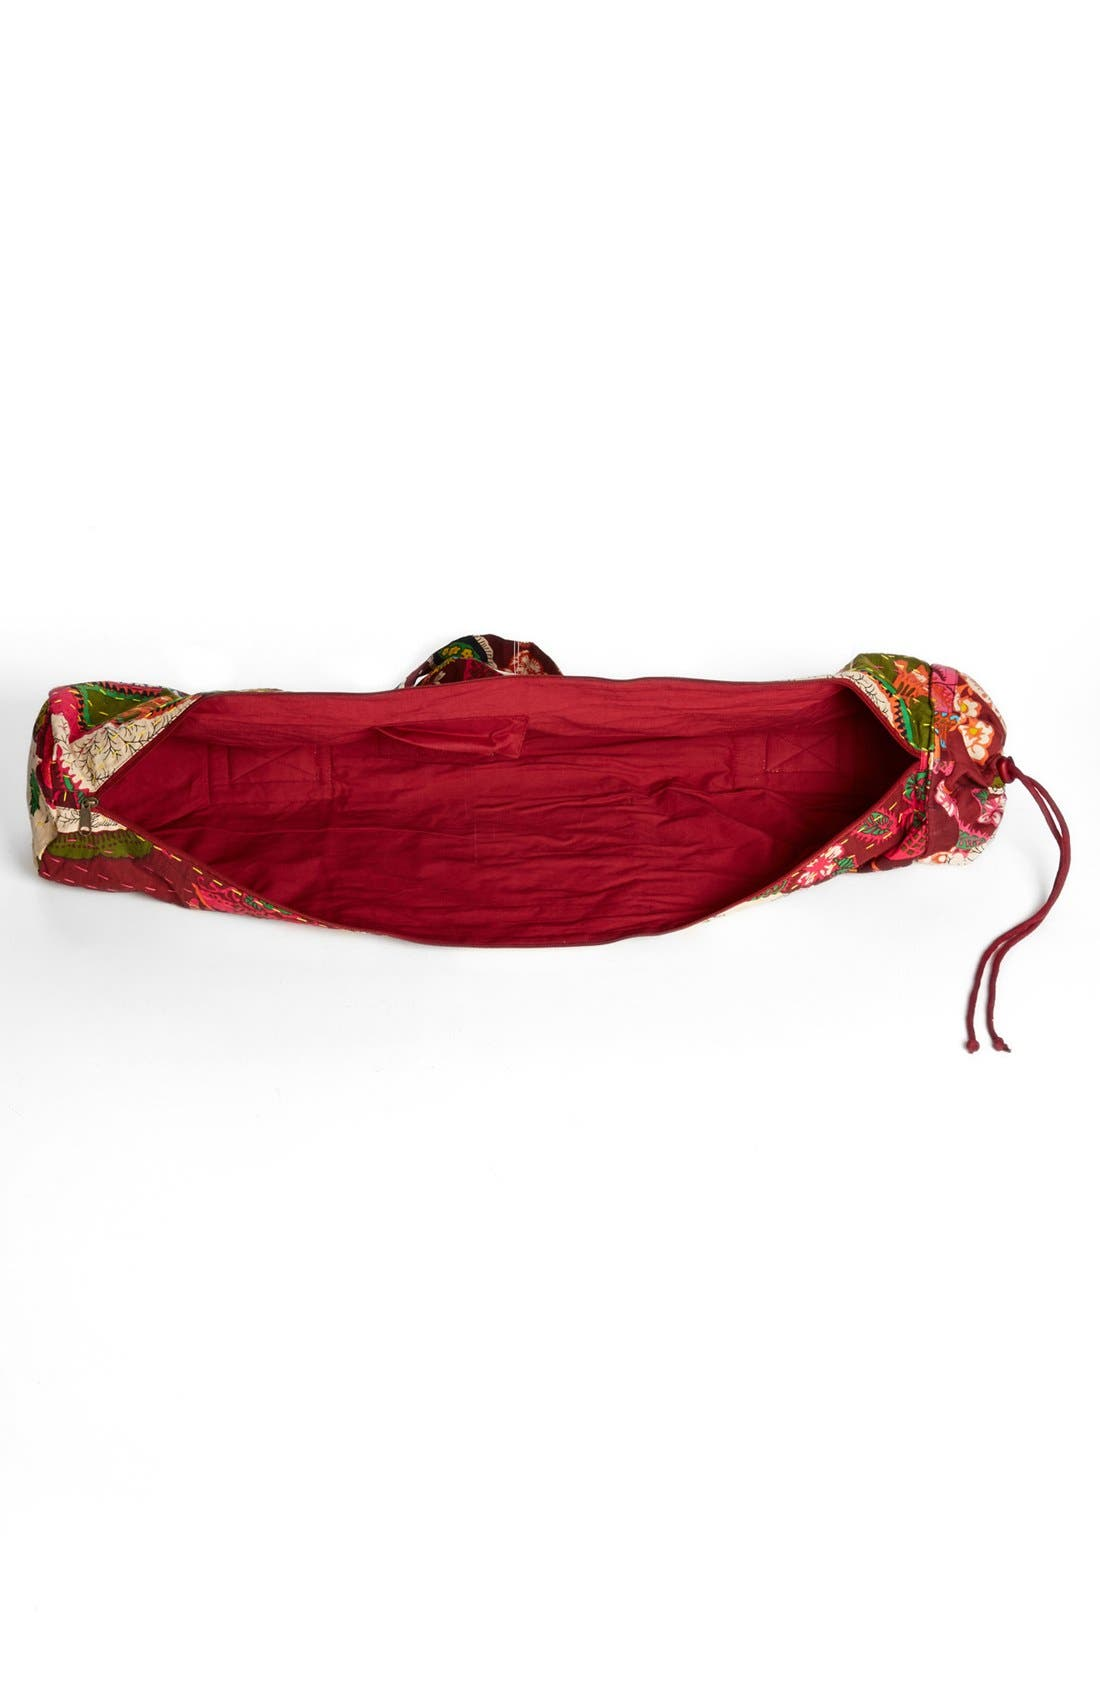 Alternate Image 3  - prAna 'Bhakti' Yoga Bag